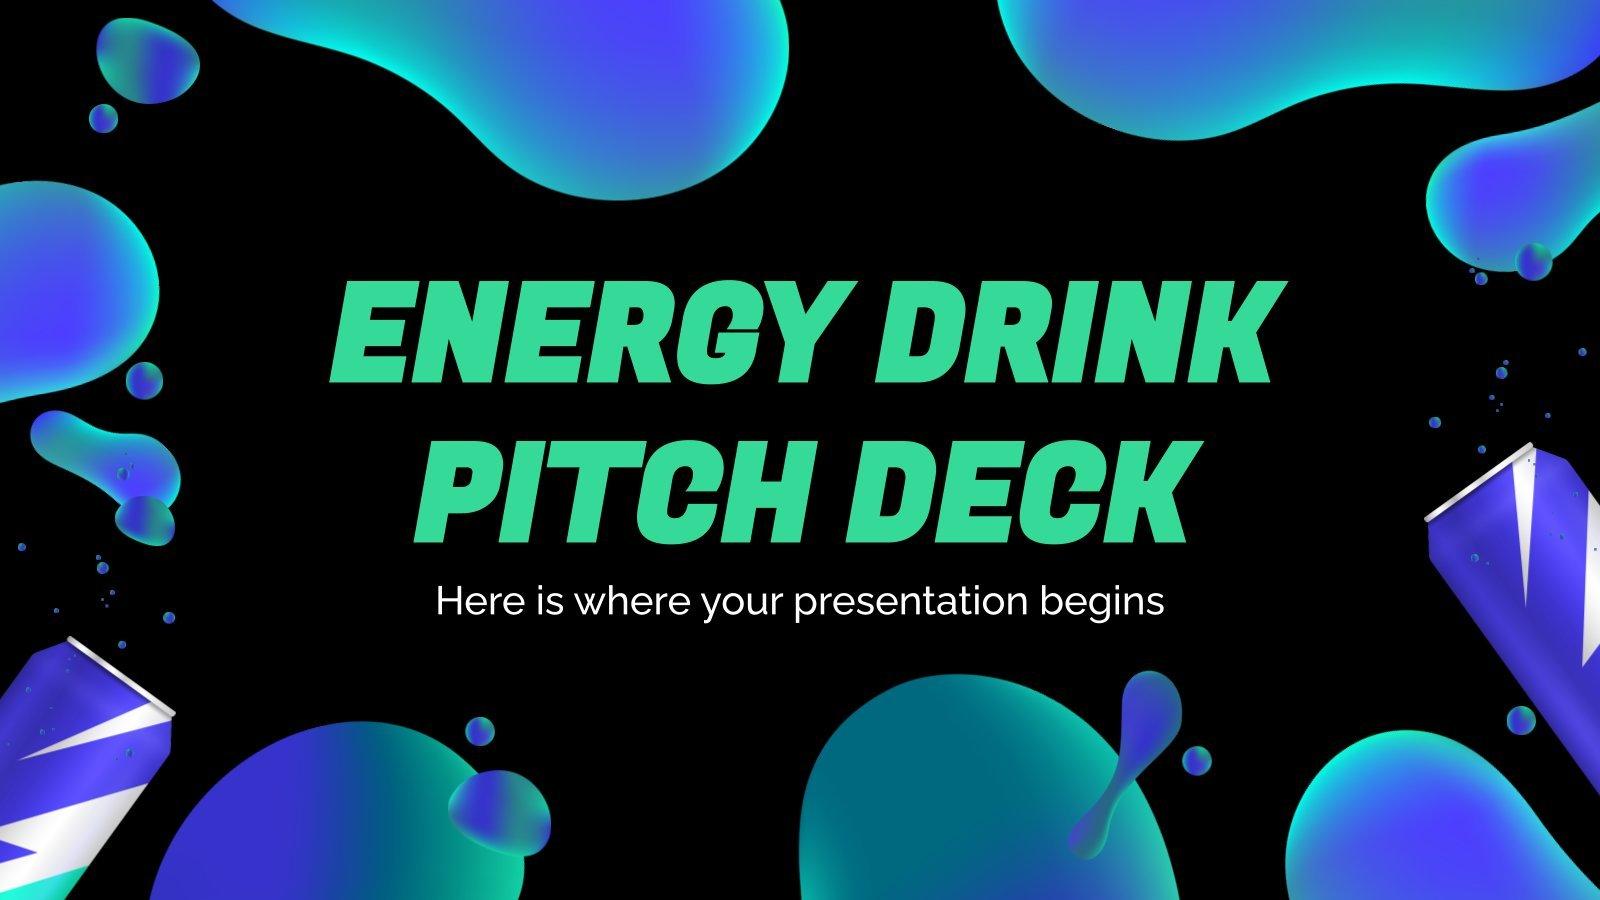 Plantilla de presentación Pitch deck para bebidas energéticas